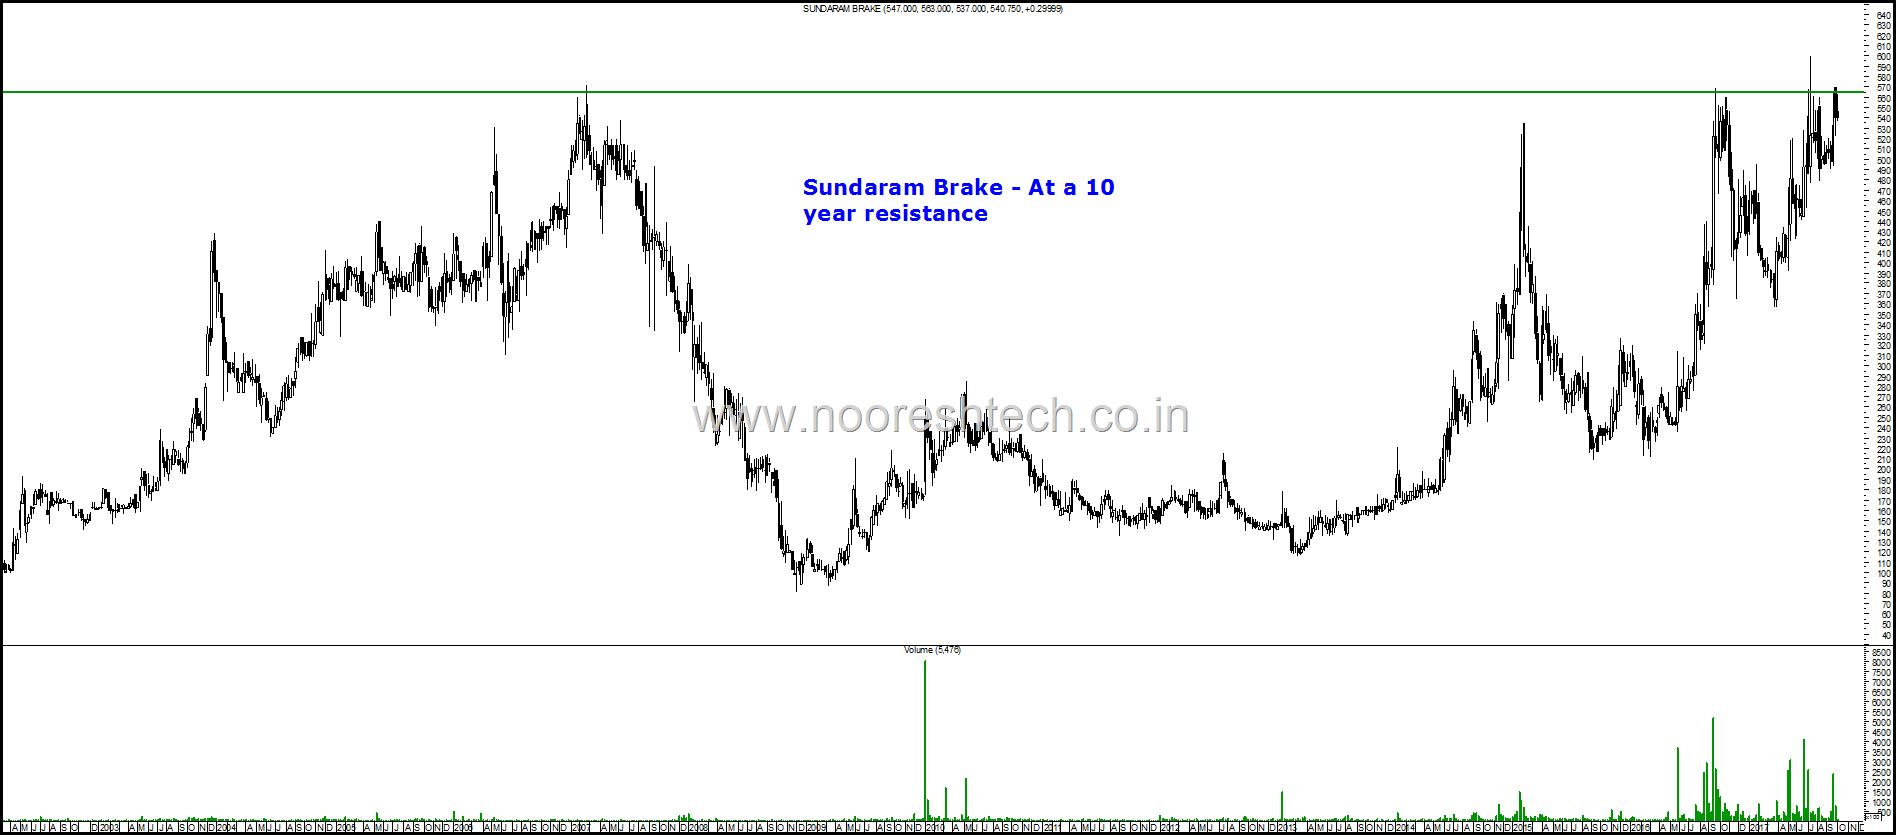 Sundaram Brake